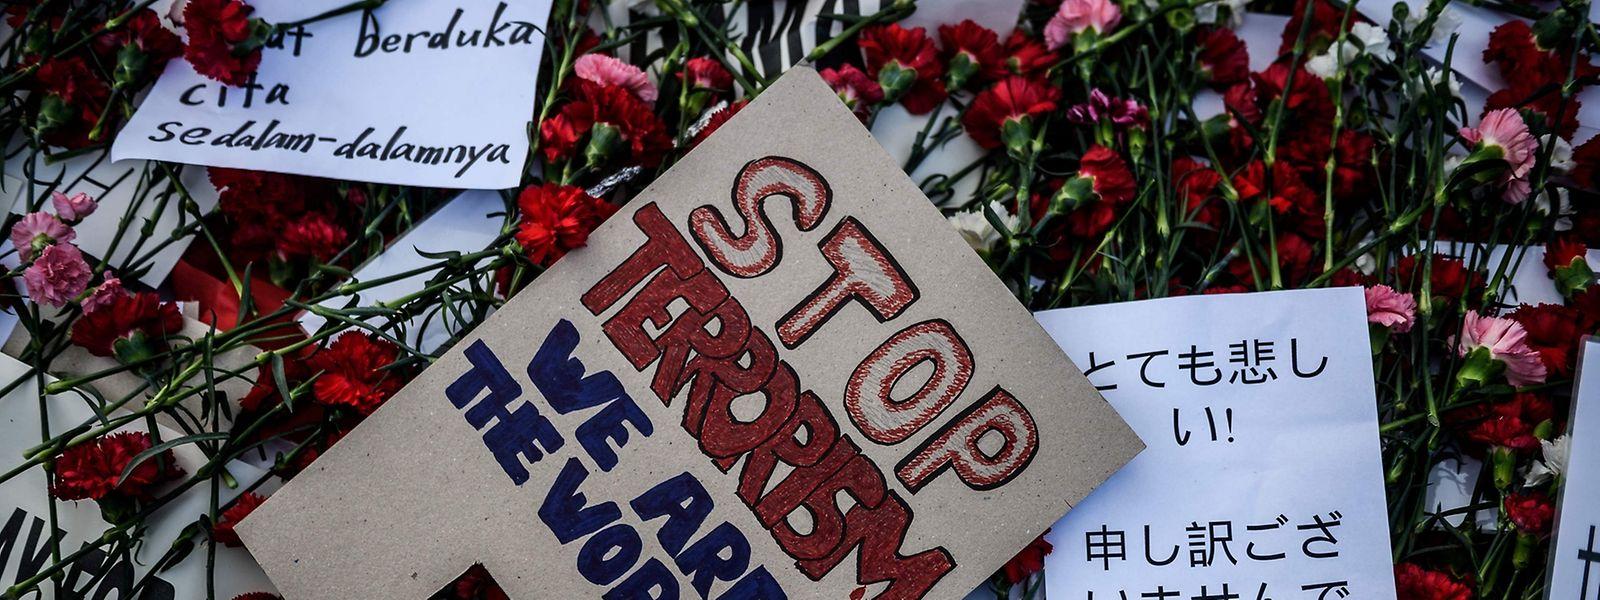 Die Attentate in der Türkei haben seit Dienstag mindestens 16 Tote gefordert.